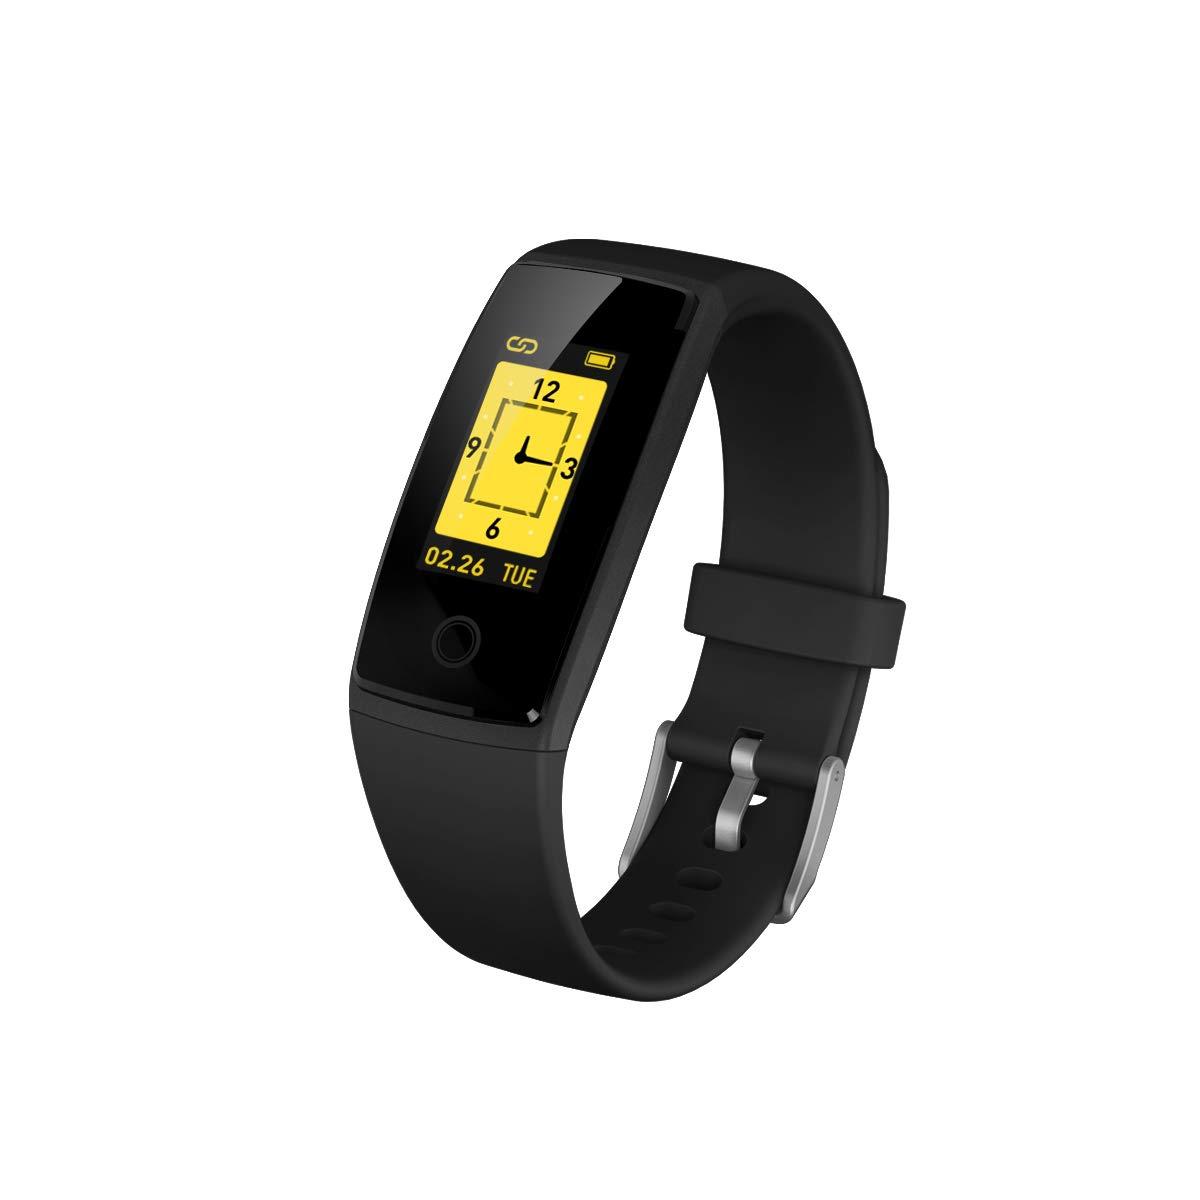 modiwenハートレートBluetoothスマートブレスレット腕時計睡眠モニター血圧歩数計ストップウォッチスポーツリストバンド ブラック B07B946D93 ブラック B07B946D93, オキグン:34f70983 --- arvoreazul.com.br